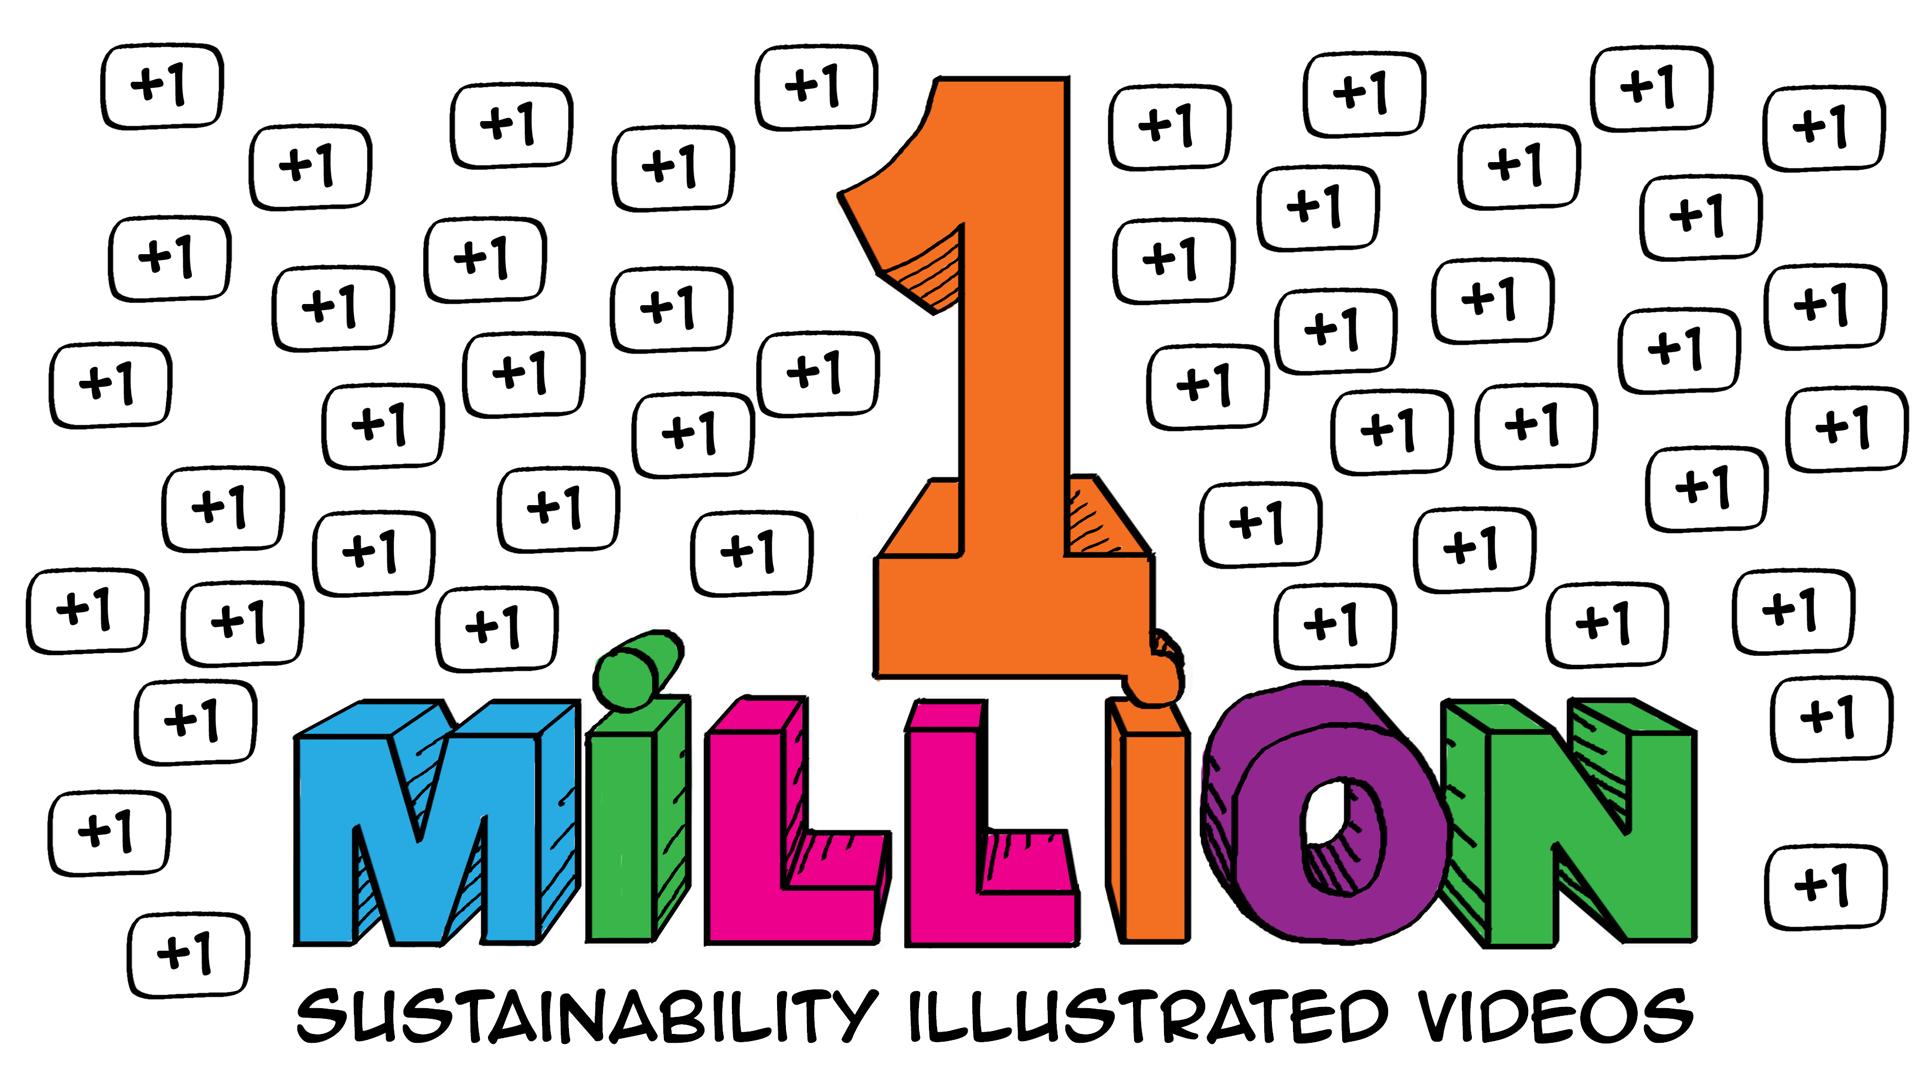 1-Million-Sustainability-Videos